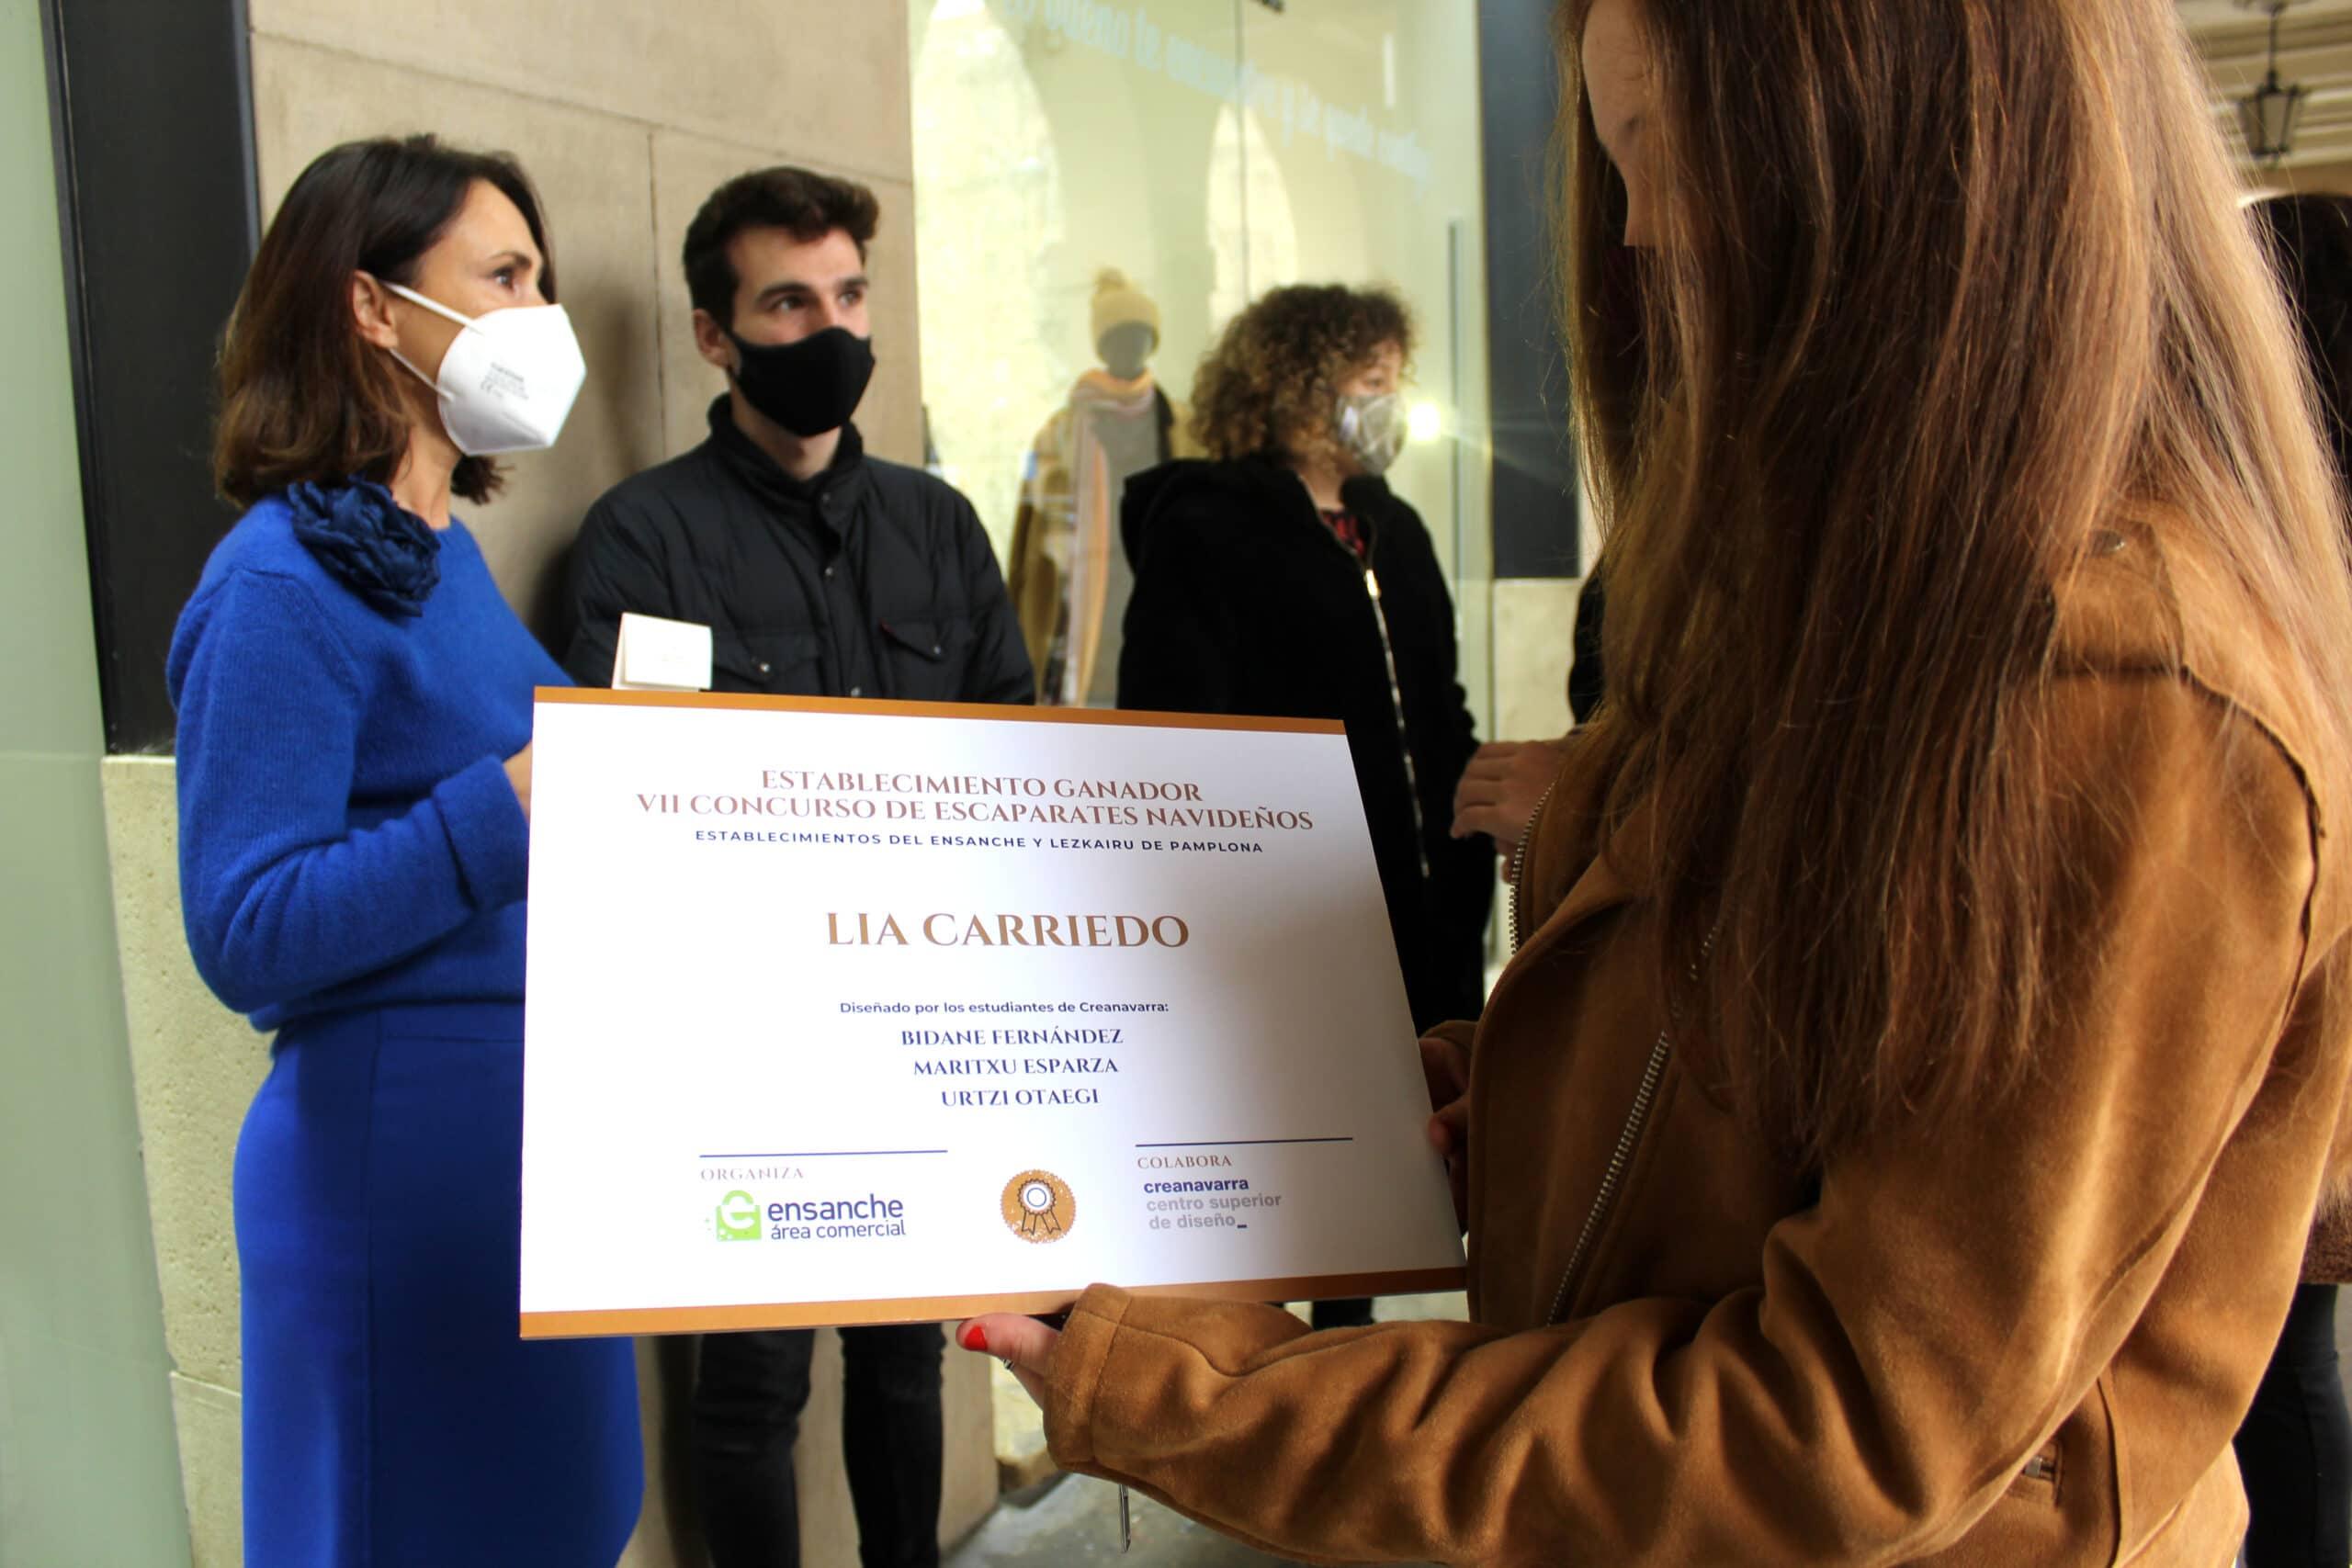 el escaparate lia carriedo diseñado por alumnado de creanavarra ganador del vii concurso escaparates navideños